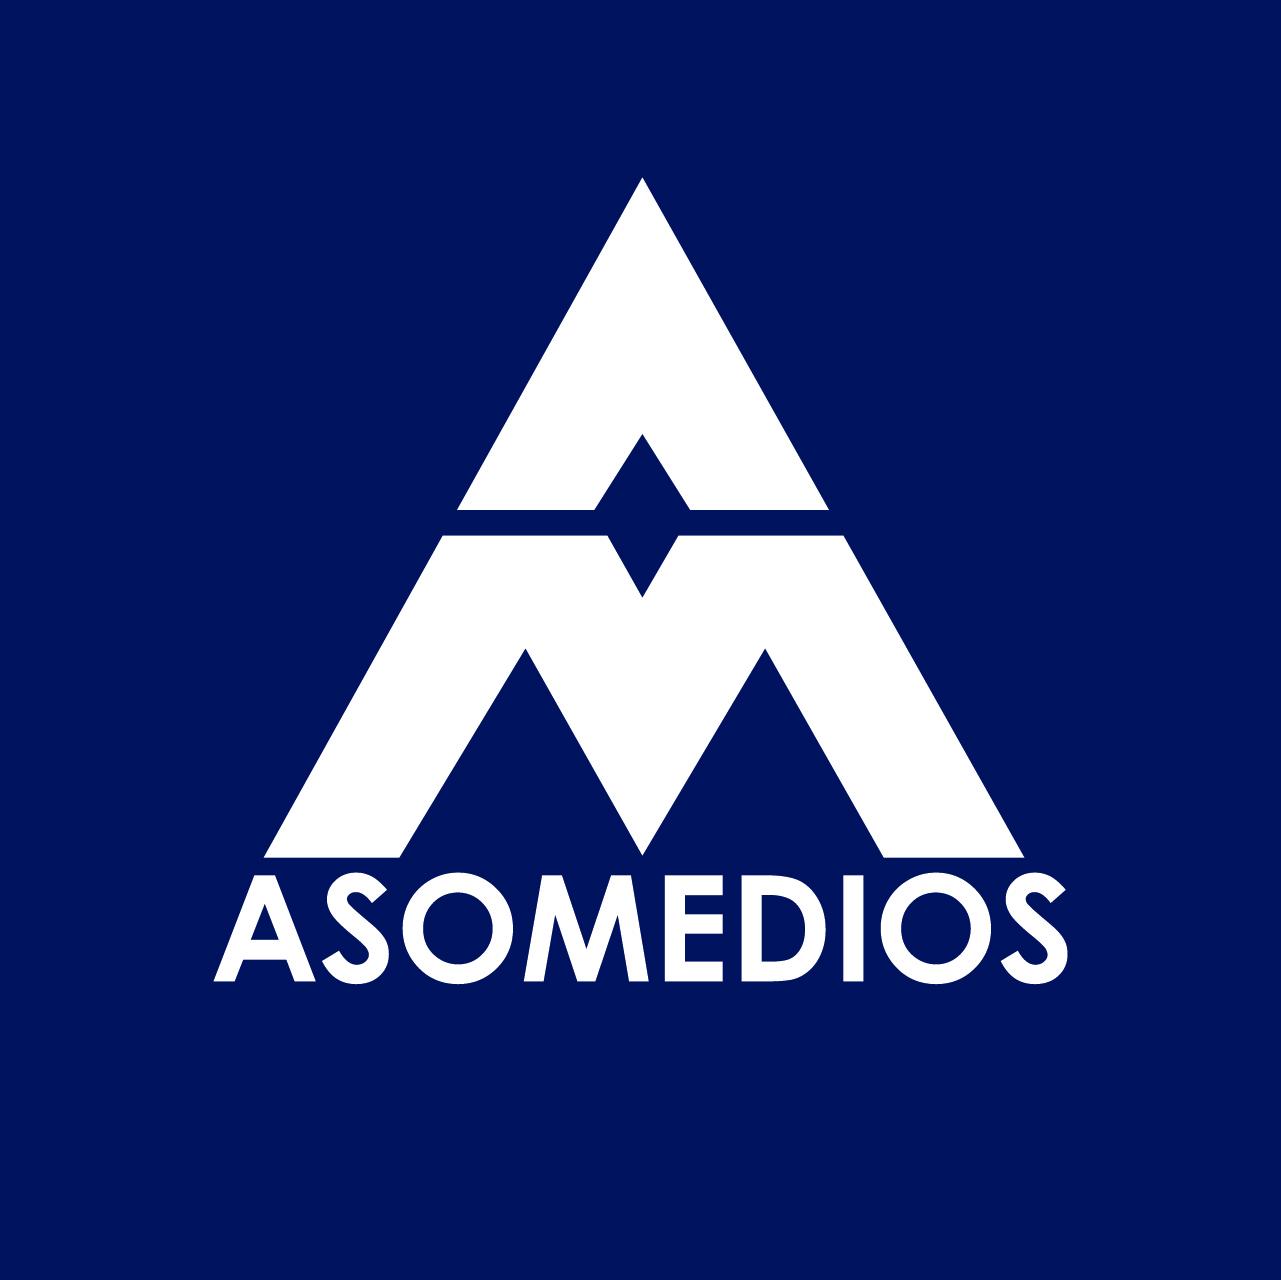 ASOMEDIOS COFUNDADOR DE LA ALO ASOCIACIÓN LATINOAMERICANA DE OUT OF HOME